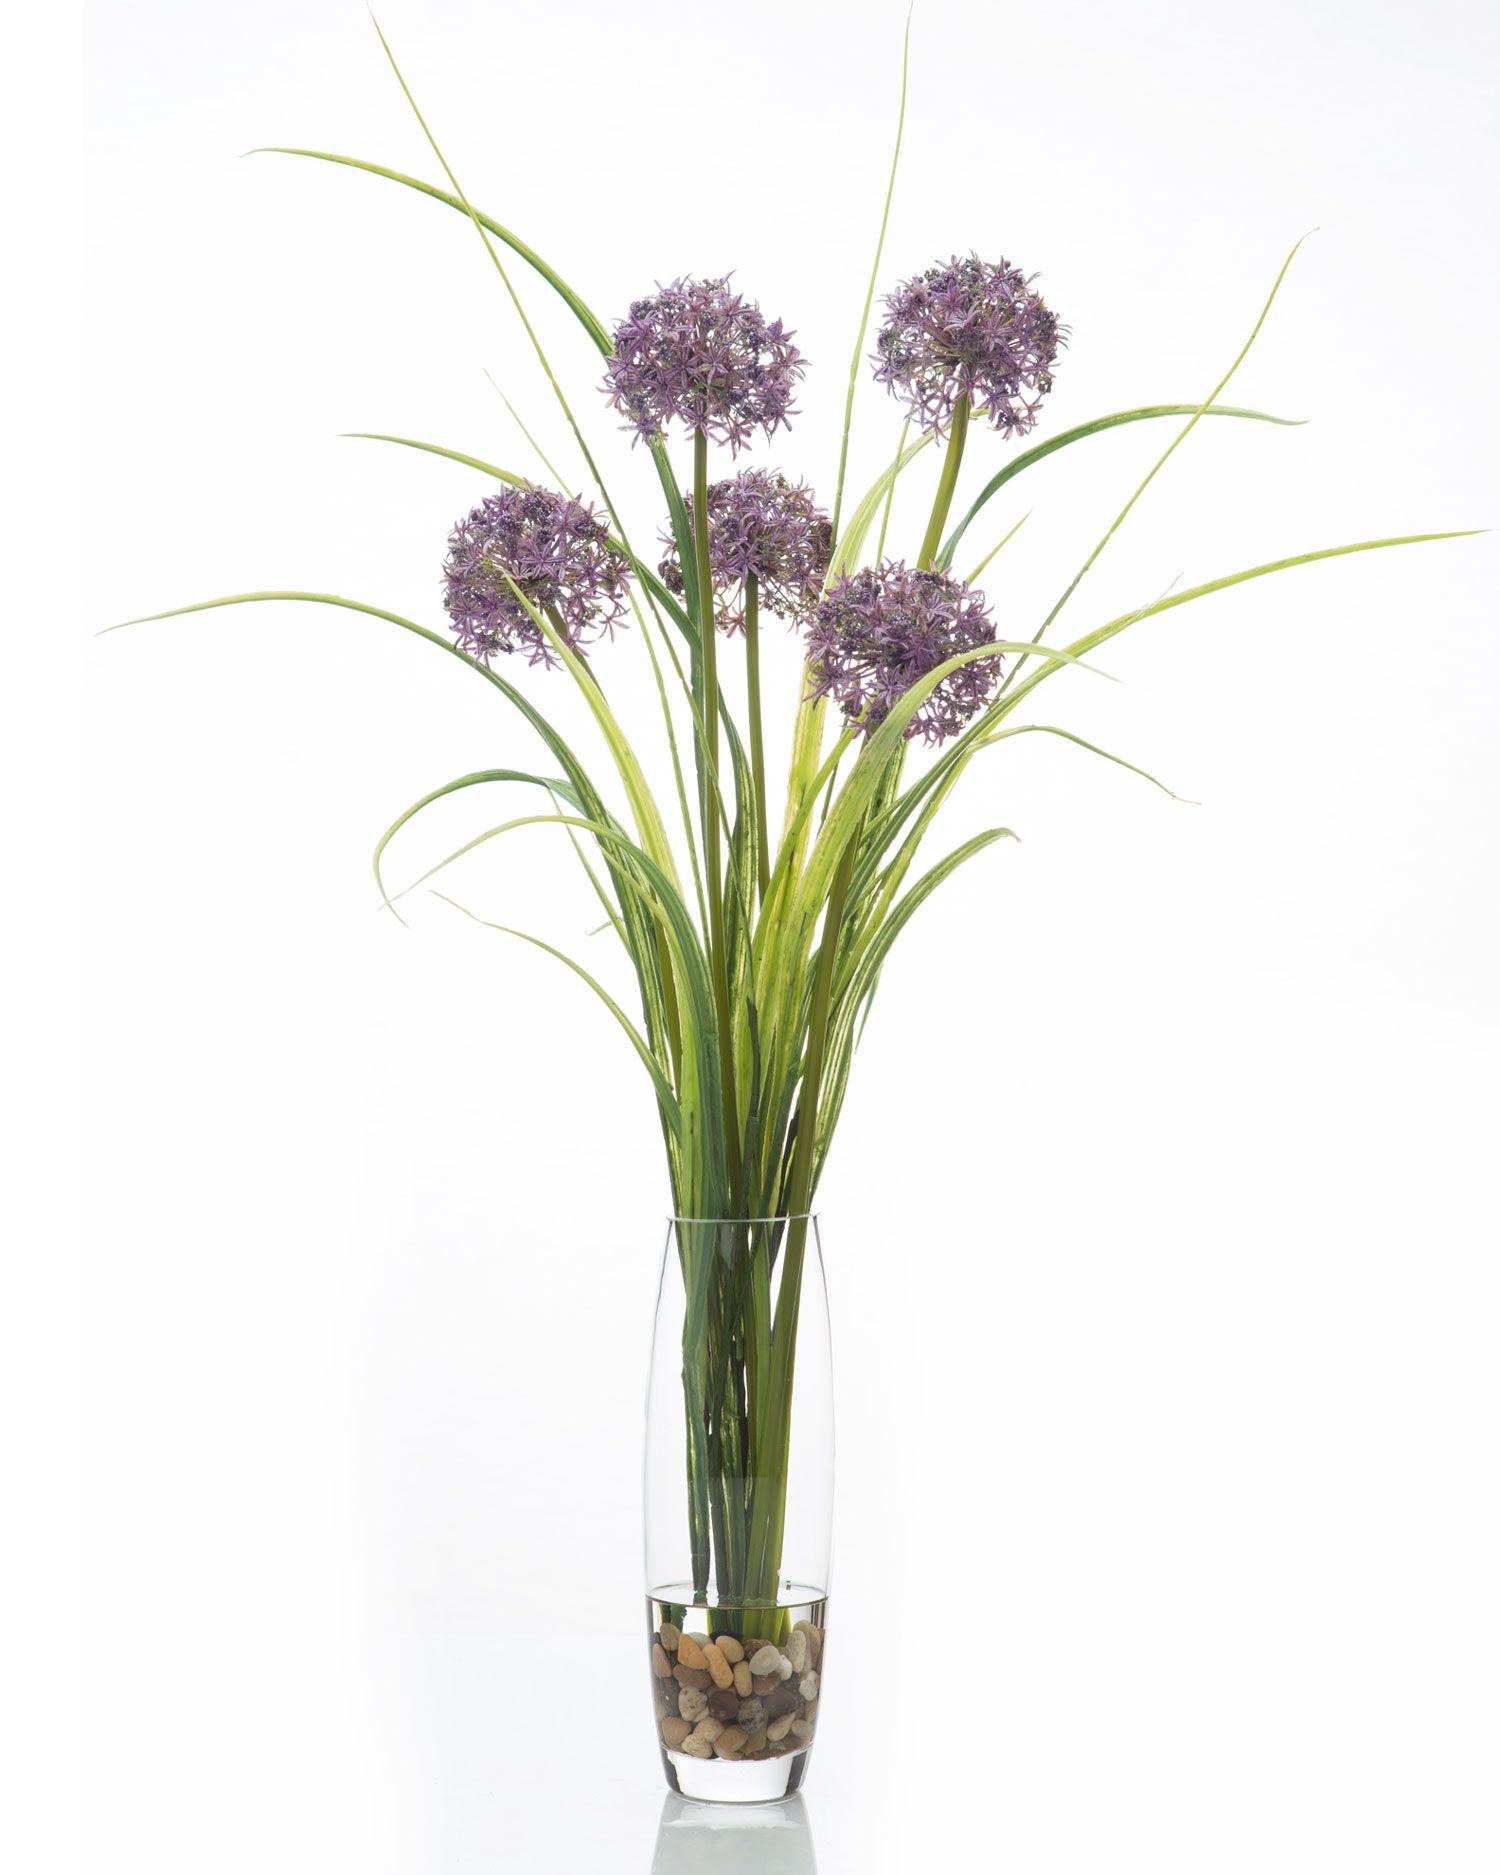 Tall Allium Grass Artificial Floral Arrangement